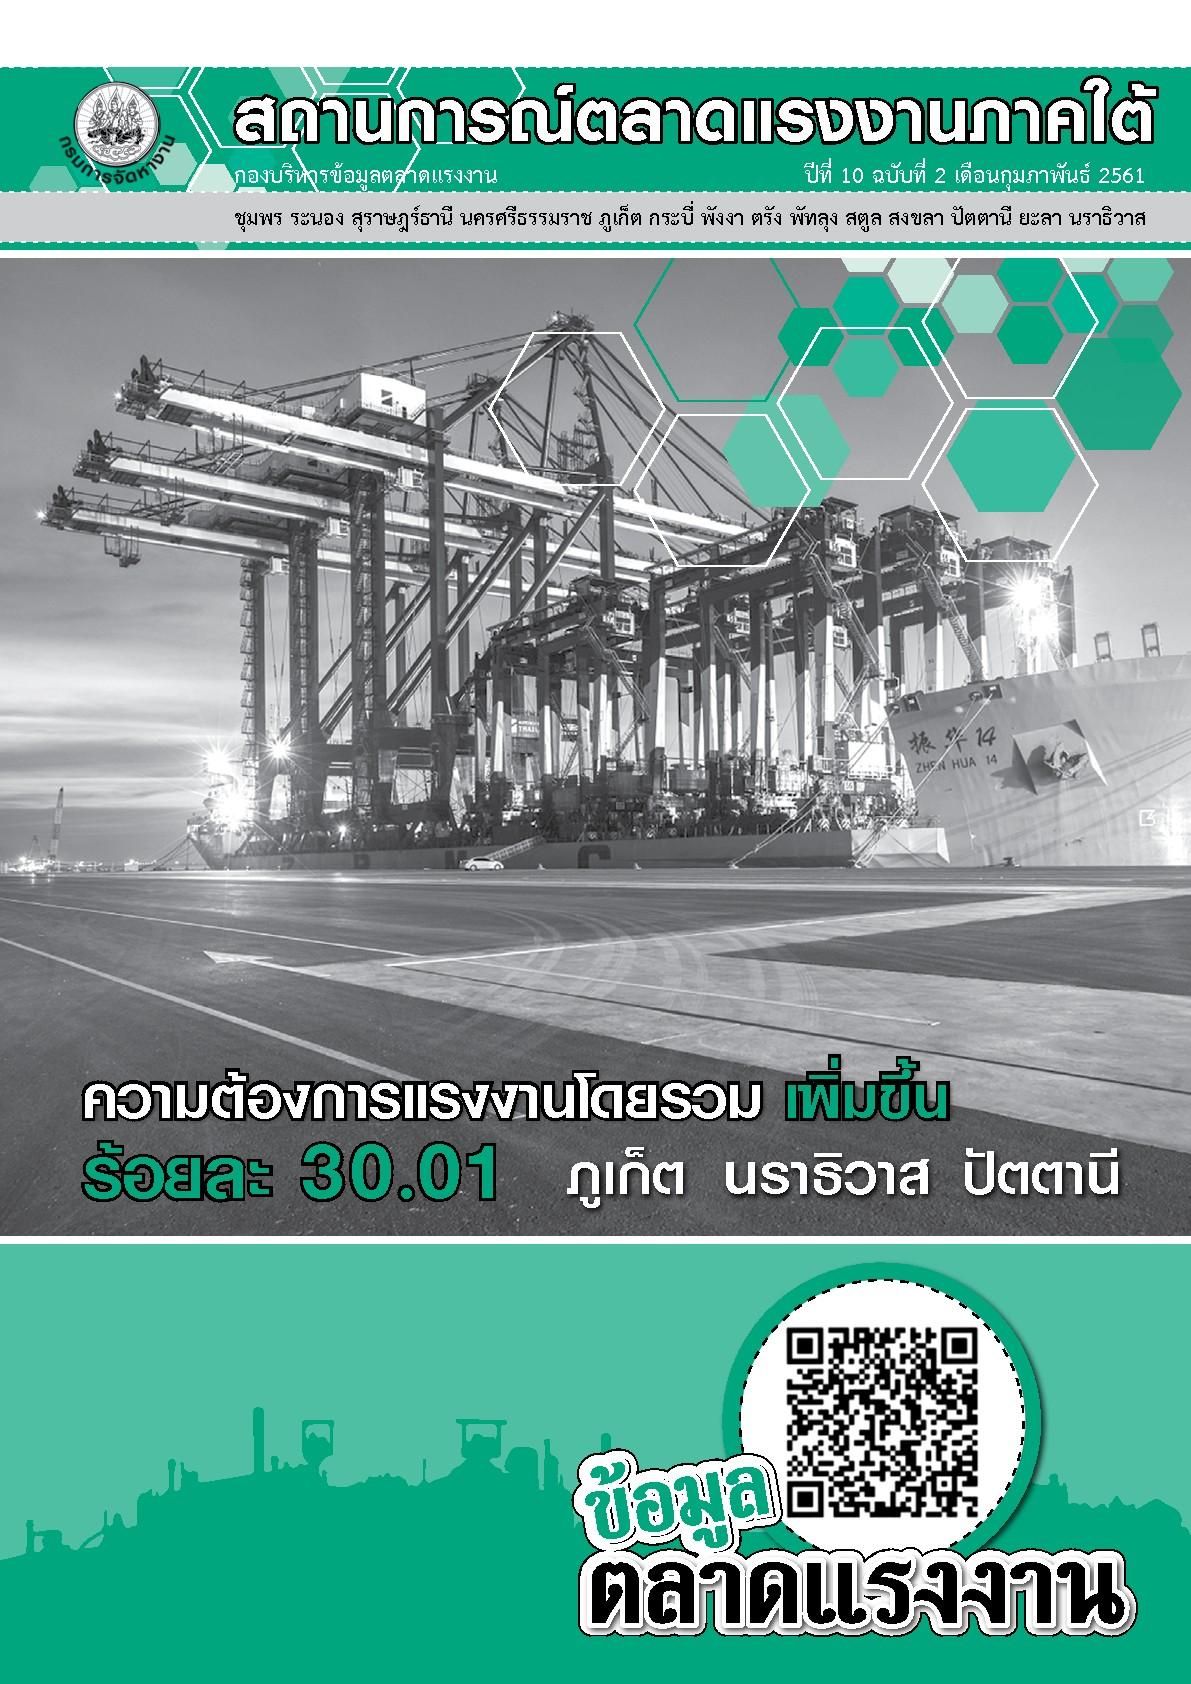 วารสารสถานการณ์ตลาดแรงงานภาคใต้ ปีที่ 10 ฉบับที่ 2 เดือนกุมภาพันธ์ 2561